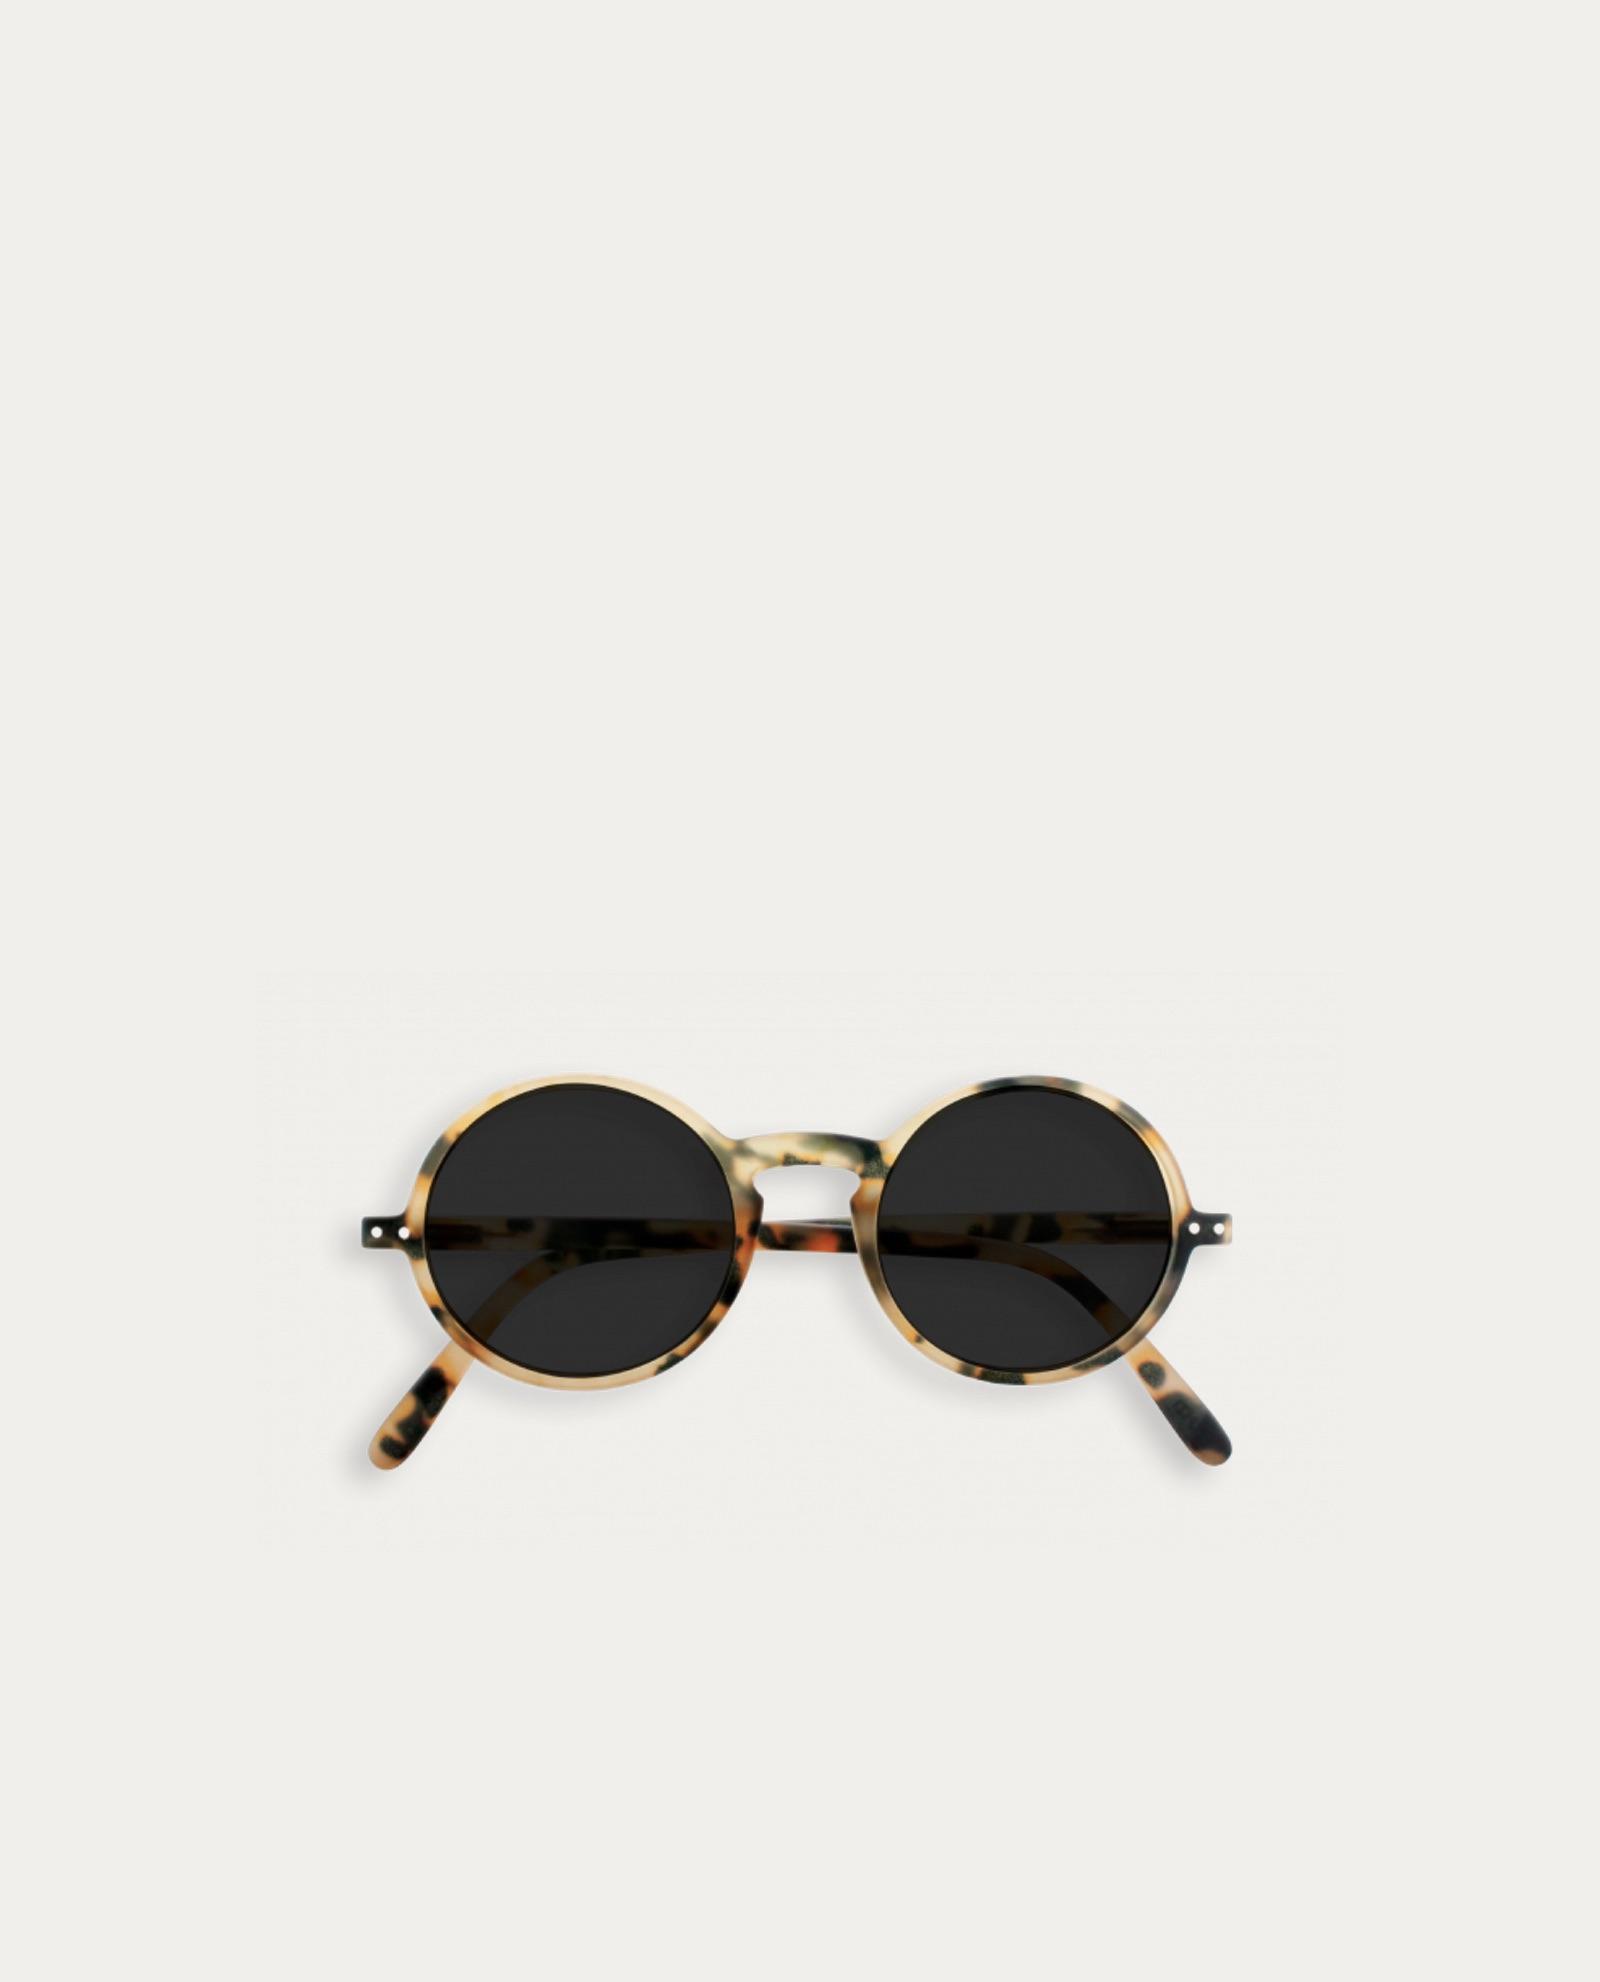 bd289c485dd izipizi lunette de soleil sun g light tortoise